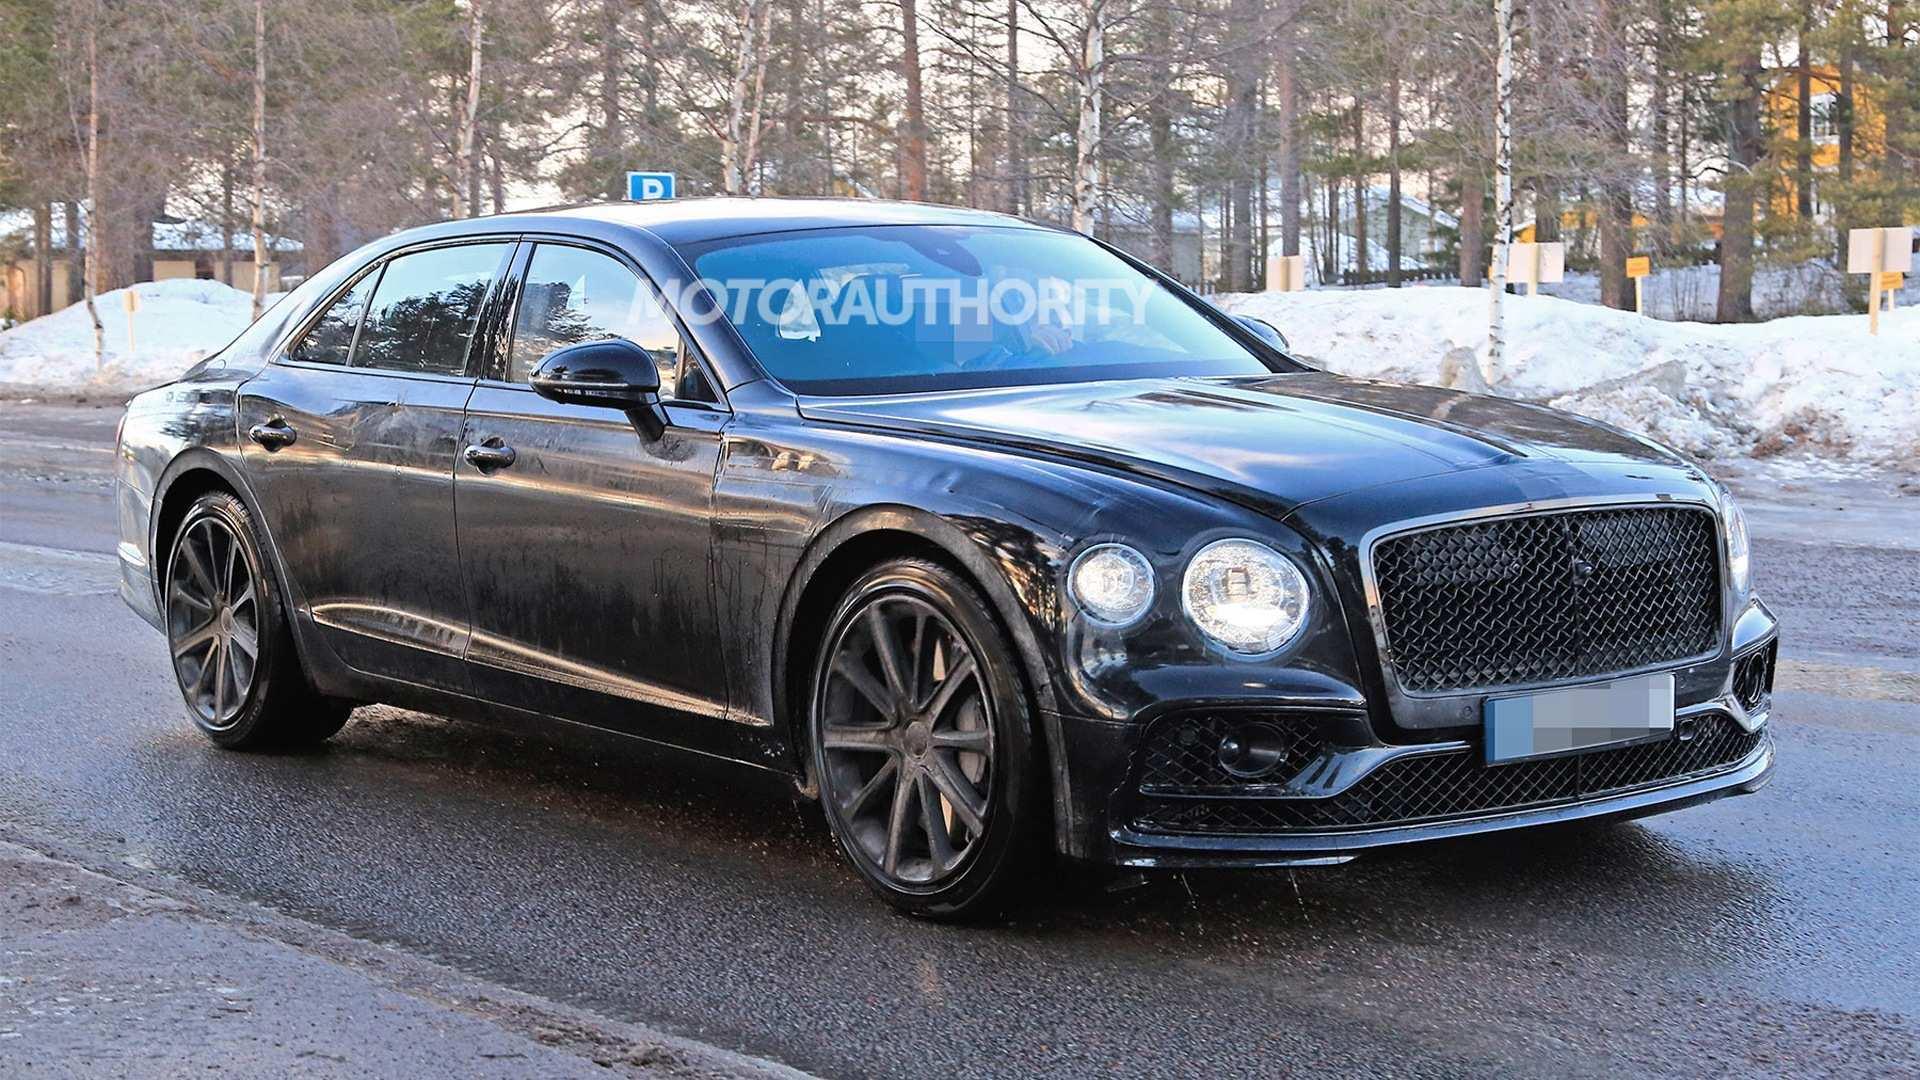 64 The Bentley Neuheiten 2020 Redesign by Bentley Neuheiten 2020